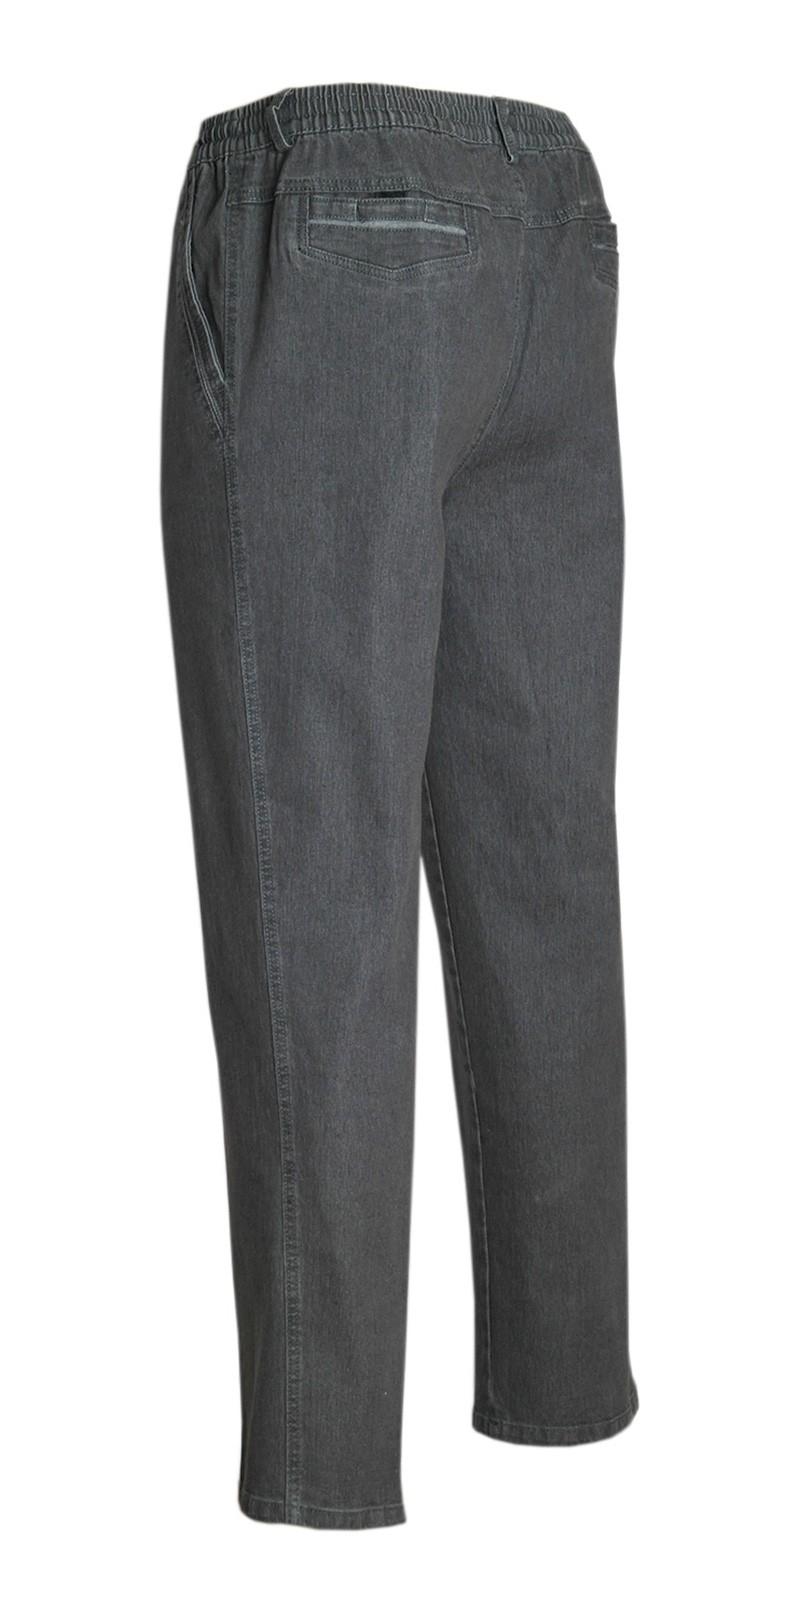 Herren Jeans Stretch Schlupfhose Schlupfjeans ohne Cargo-Taschen grau